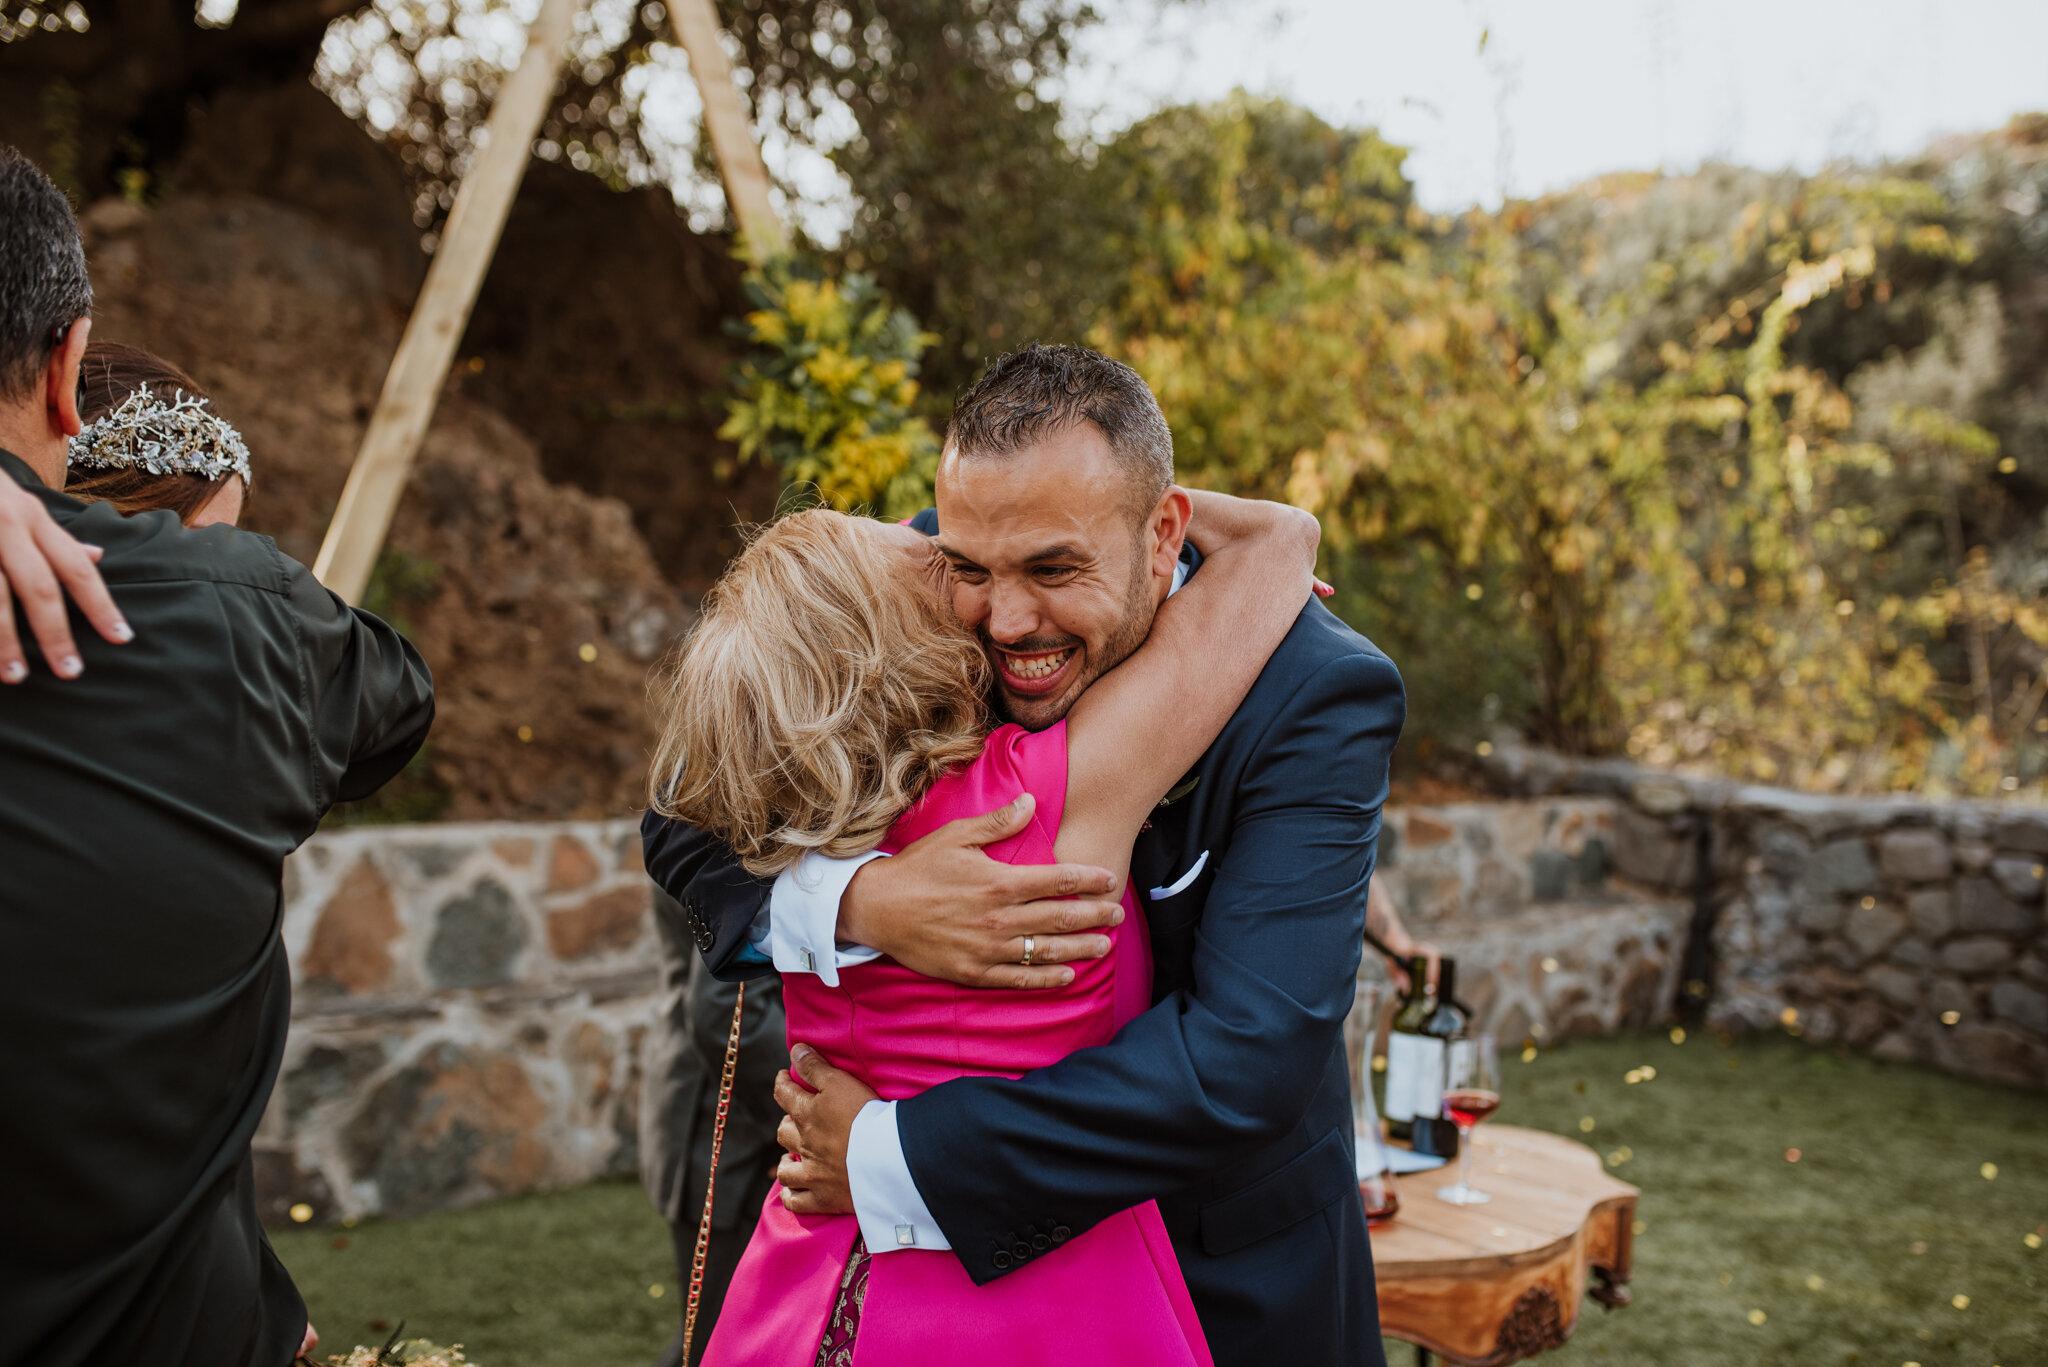 fotografo de bodas las palmas_-88.jpg